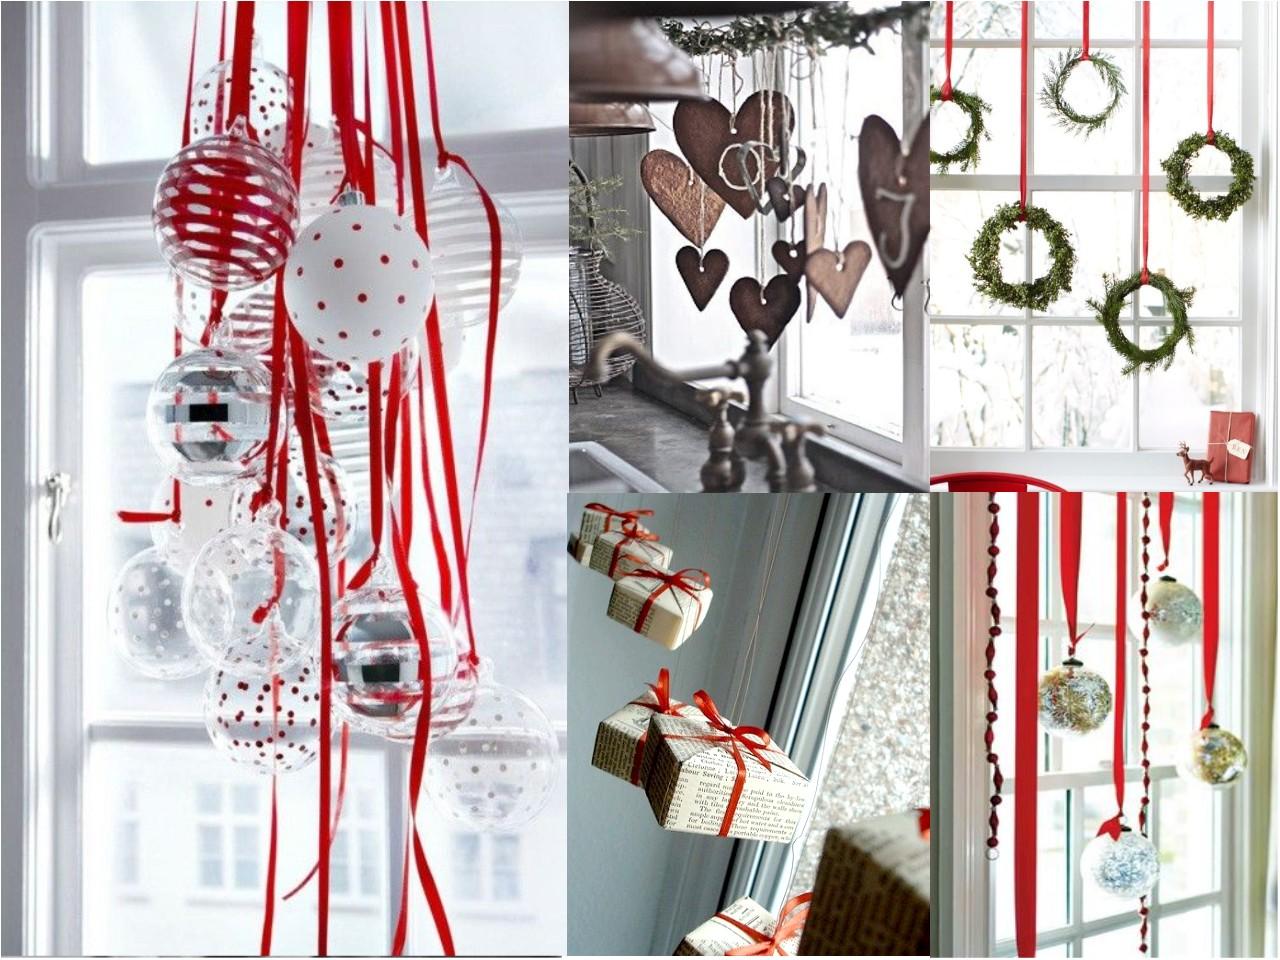 Decoracion Baño Navidad:La decoración navideña para baños también existe